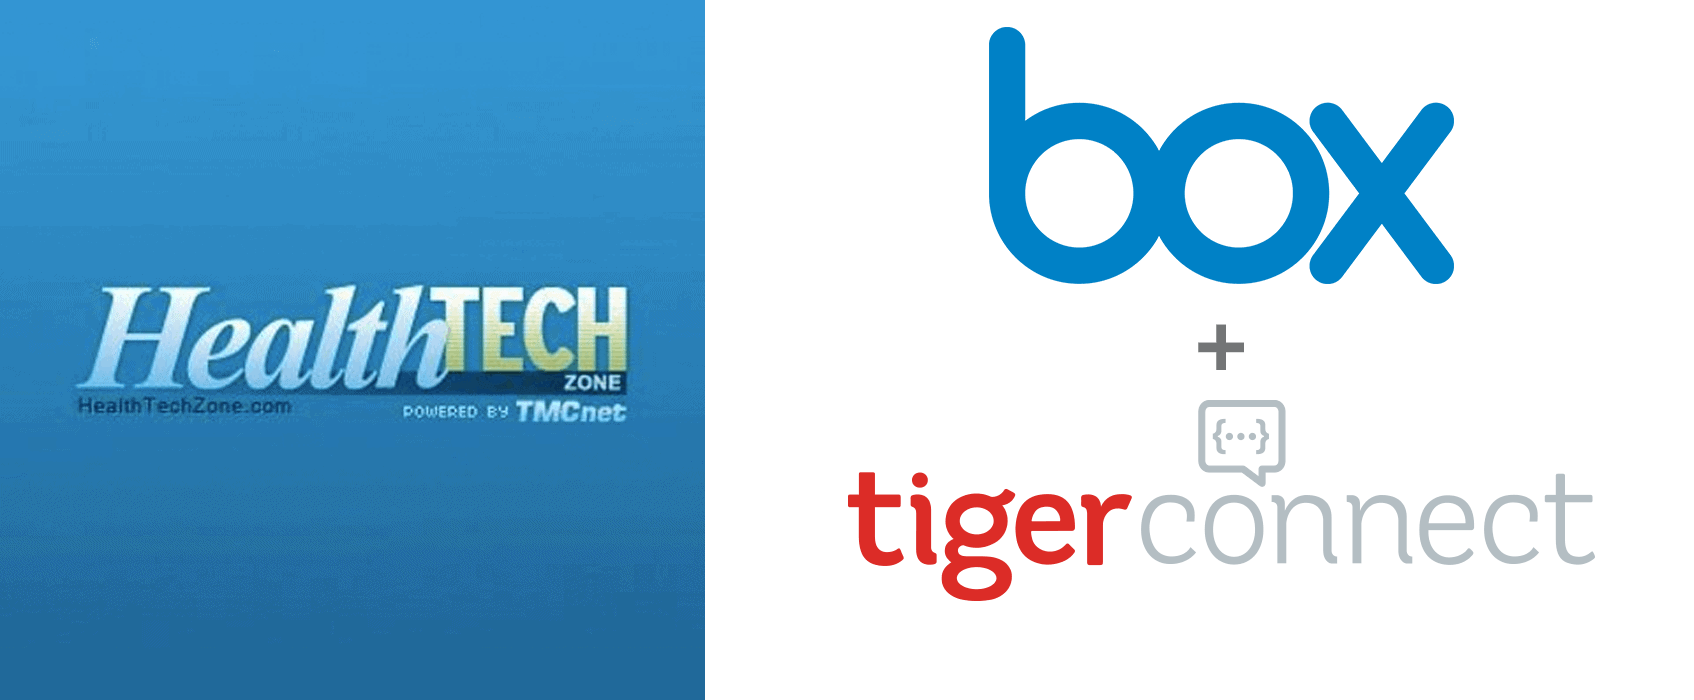 Healthcare Tech Box Banner